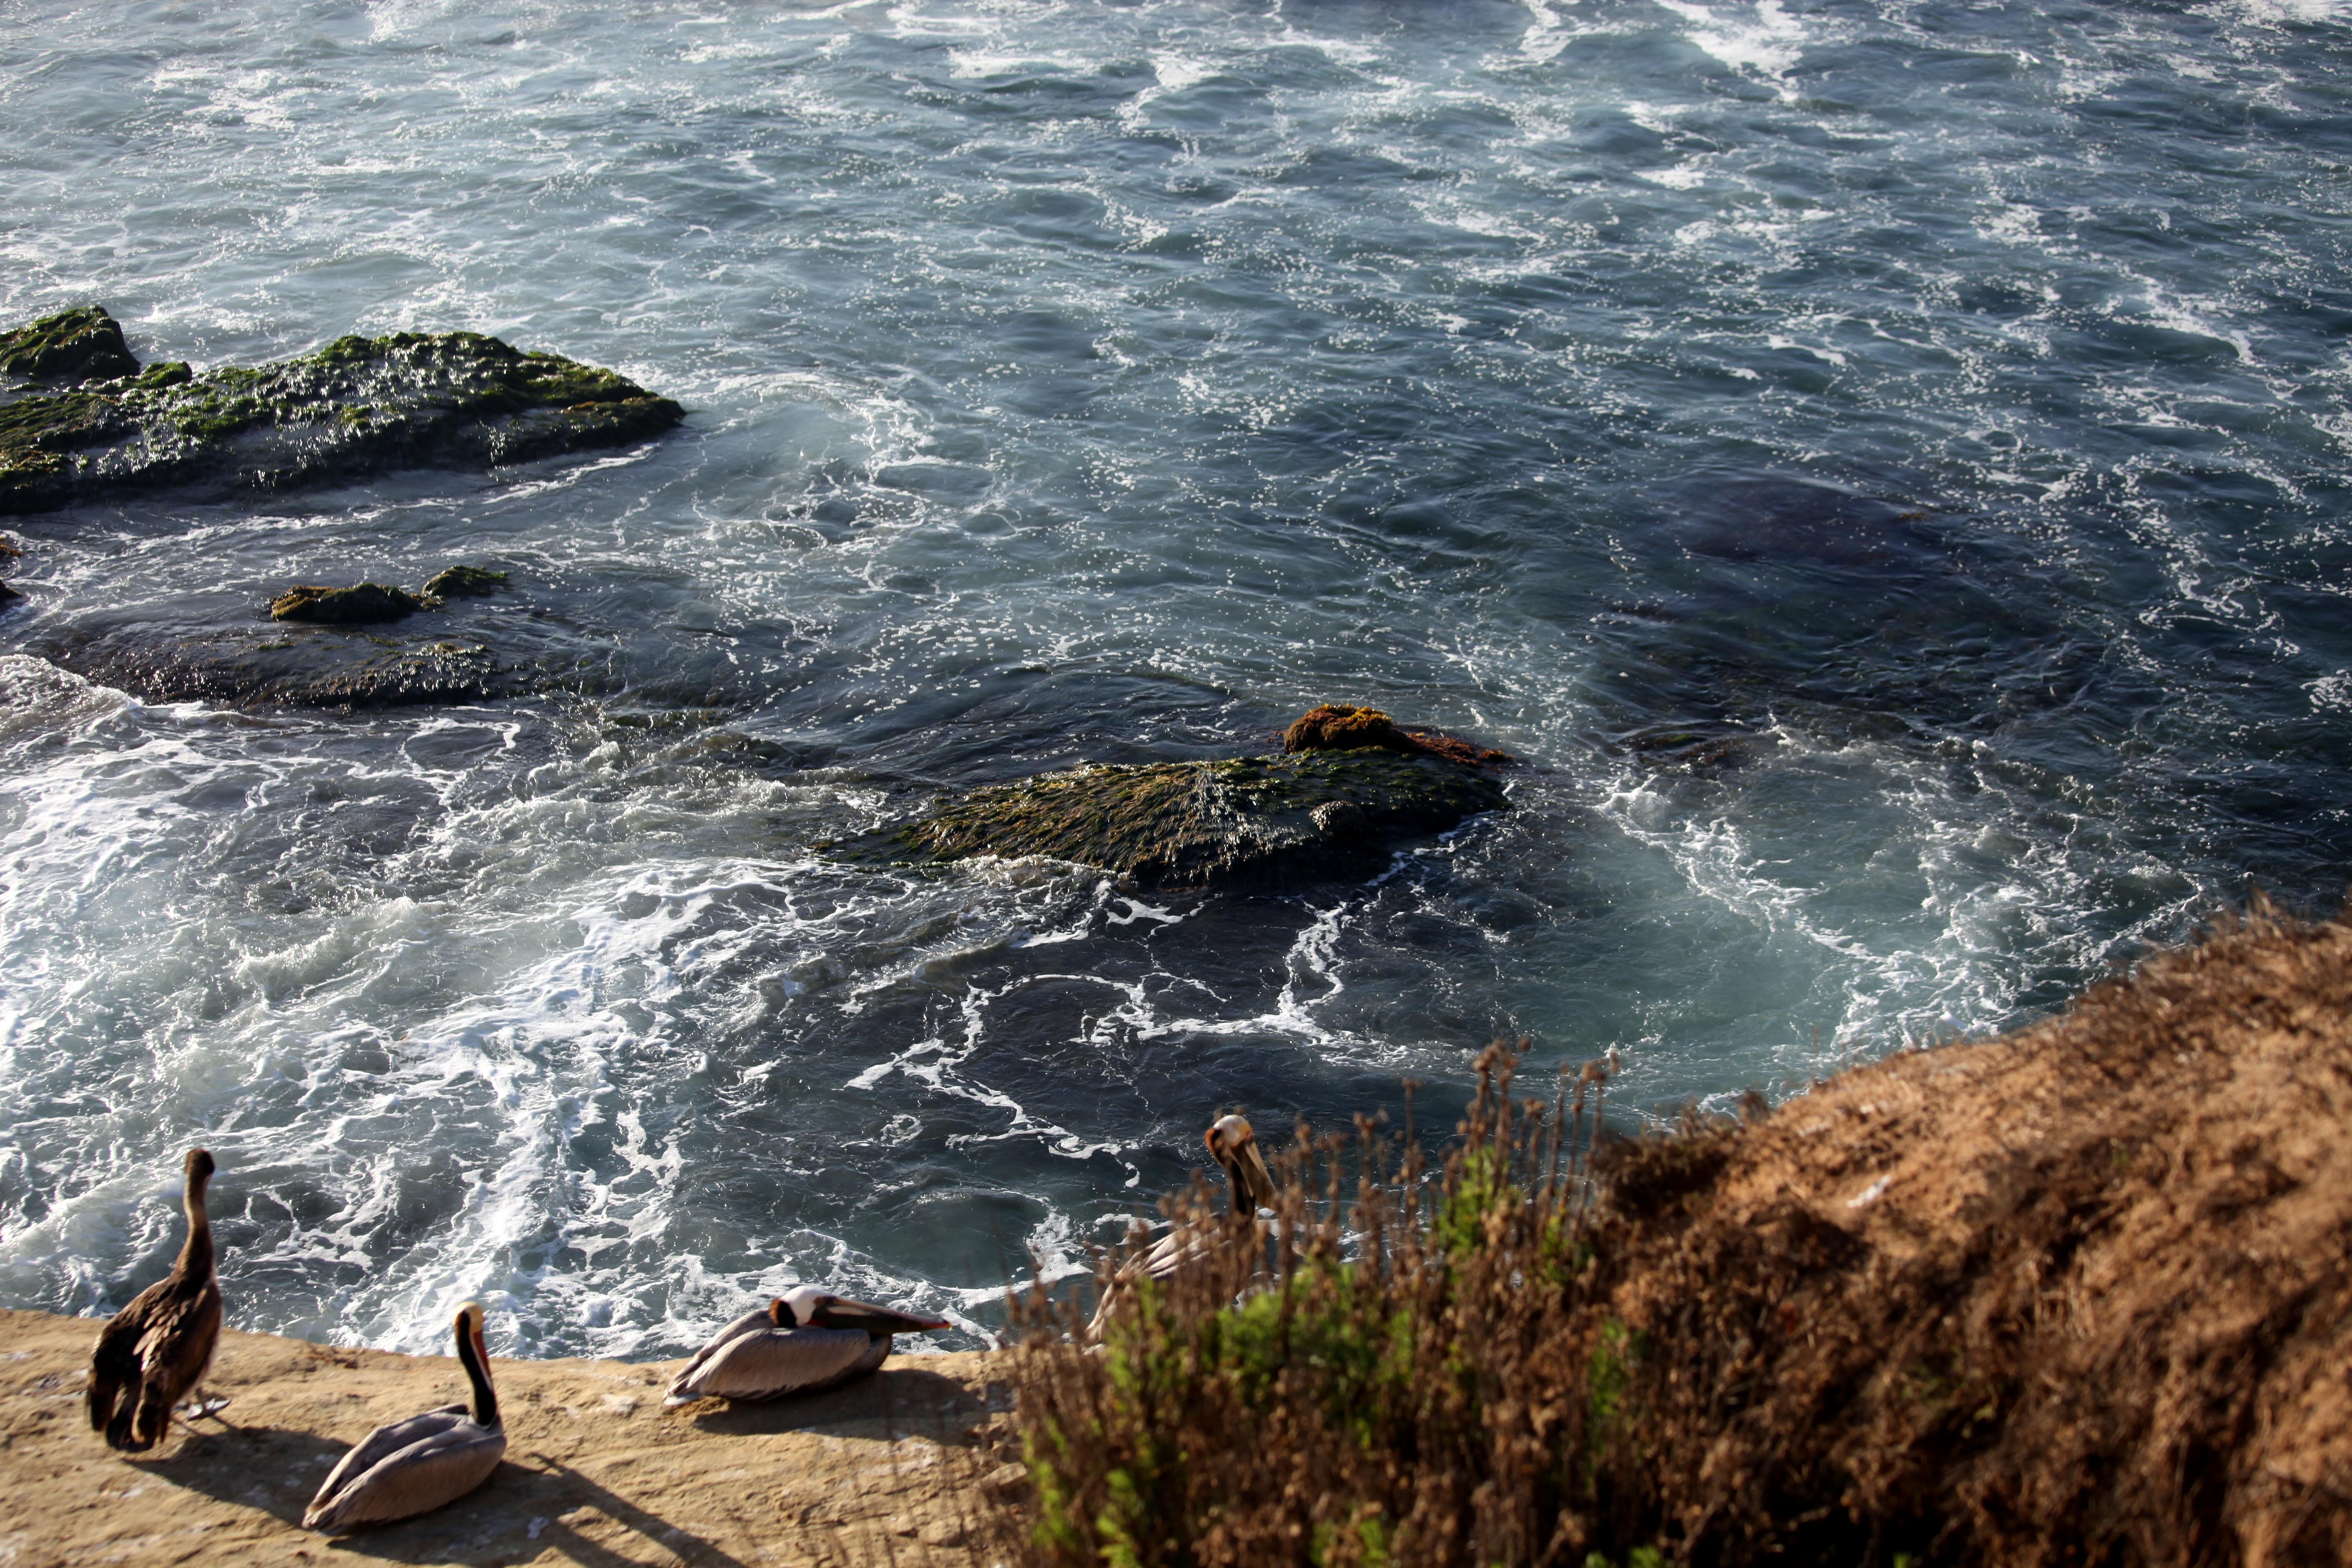 Pelican's Resting Beside Ocean, Bird, Nature, Ocean, Outdoor, HQ Photo